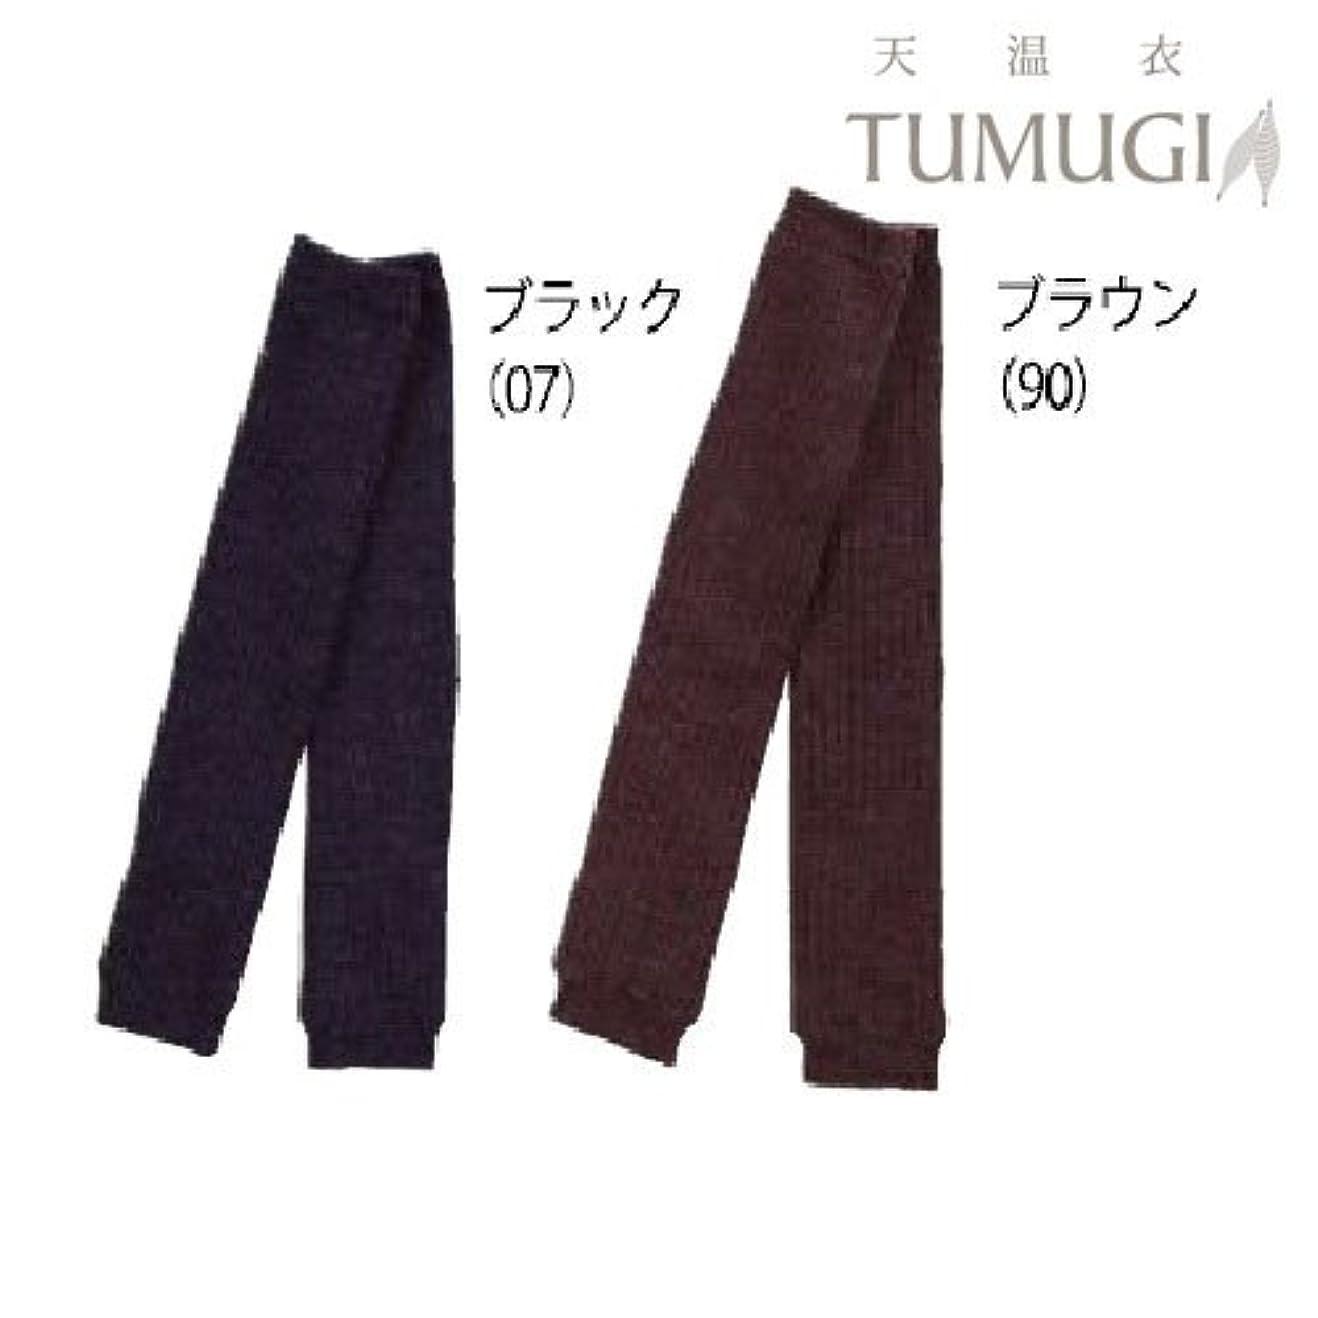 サミット有効化ゴミ箱天温衣TUMUGI  ウールとシルクの2重編みレッグウォーマー (ブラック(黒))